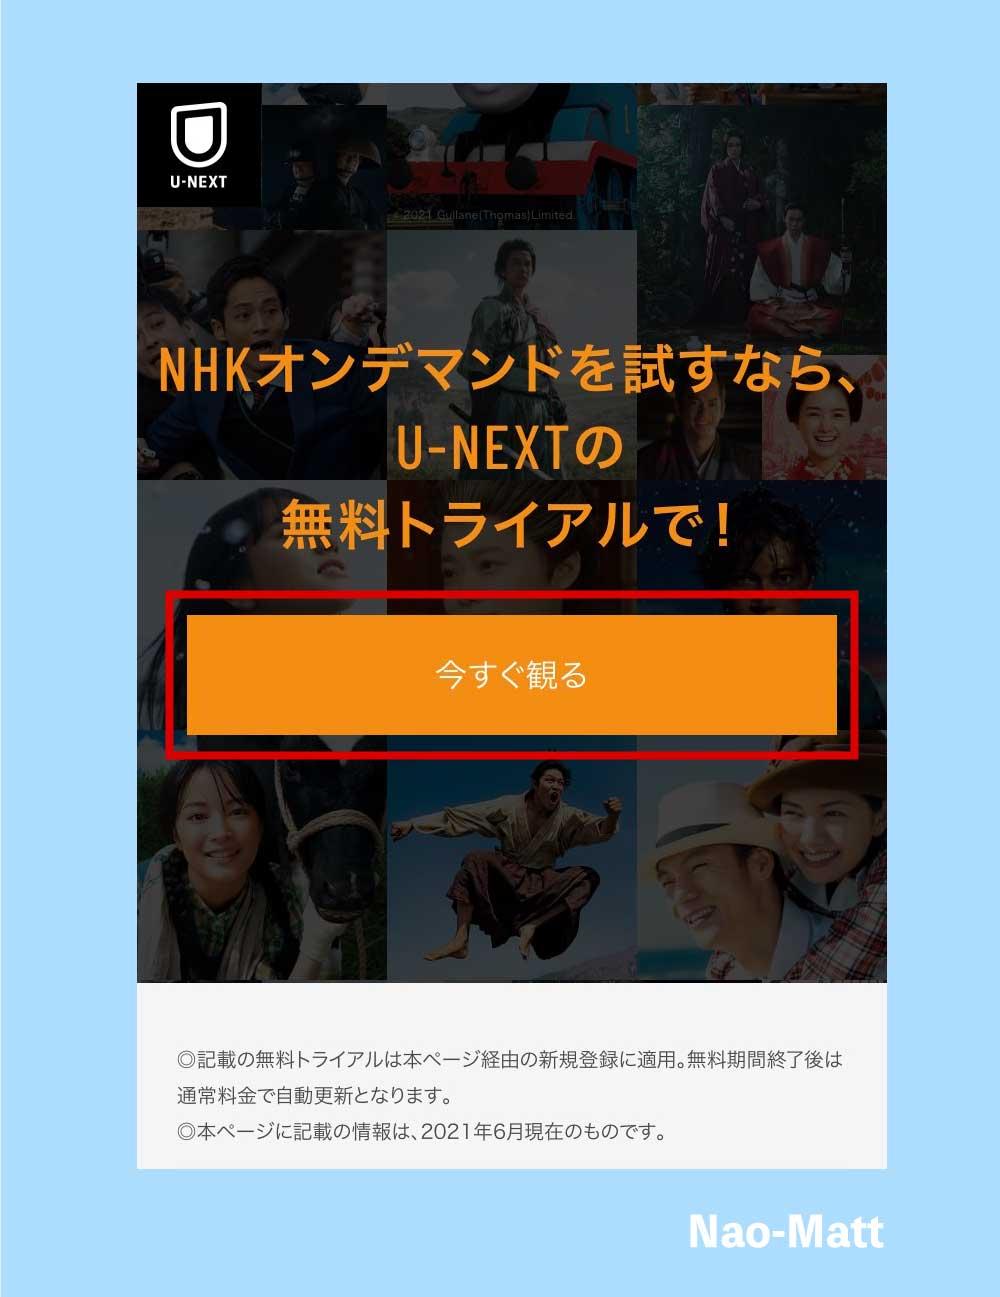 NHKオンデマンドの登録画面です